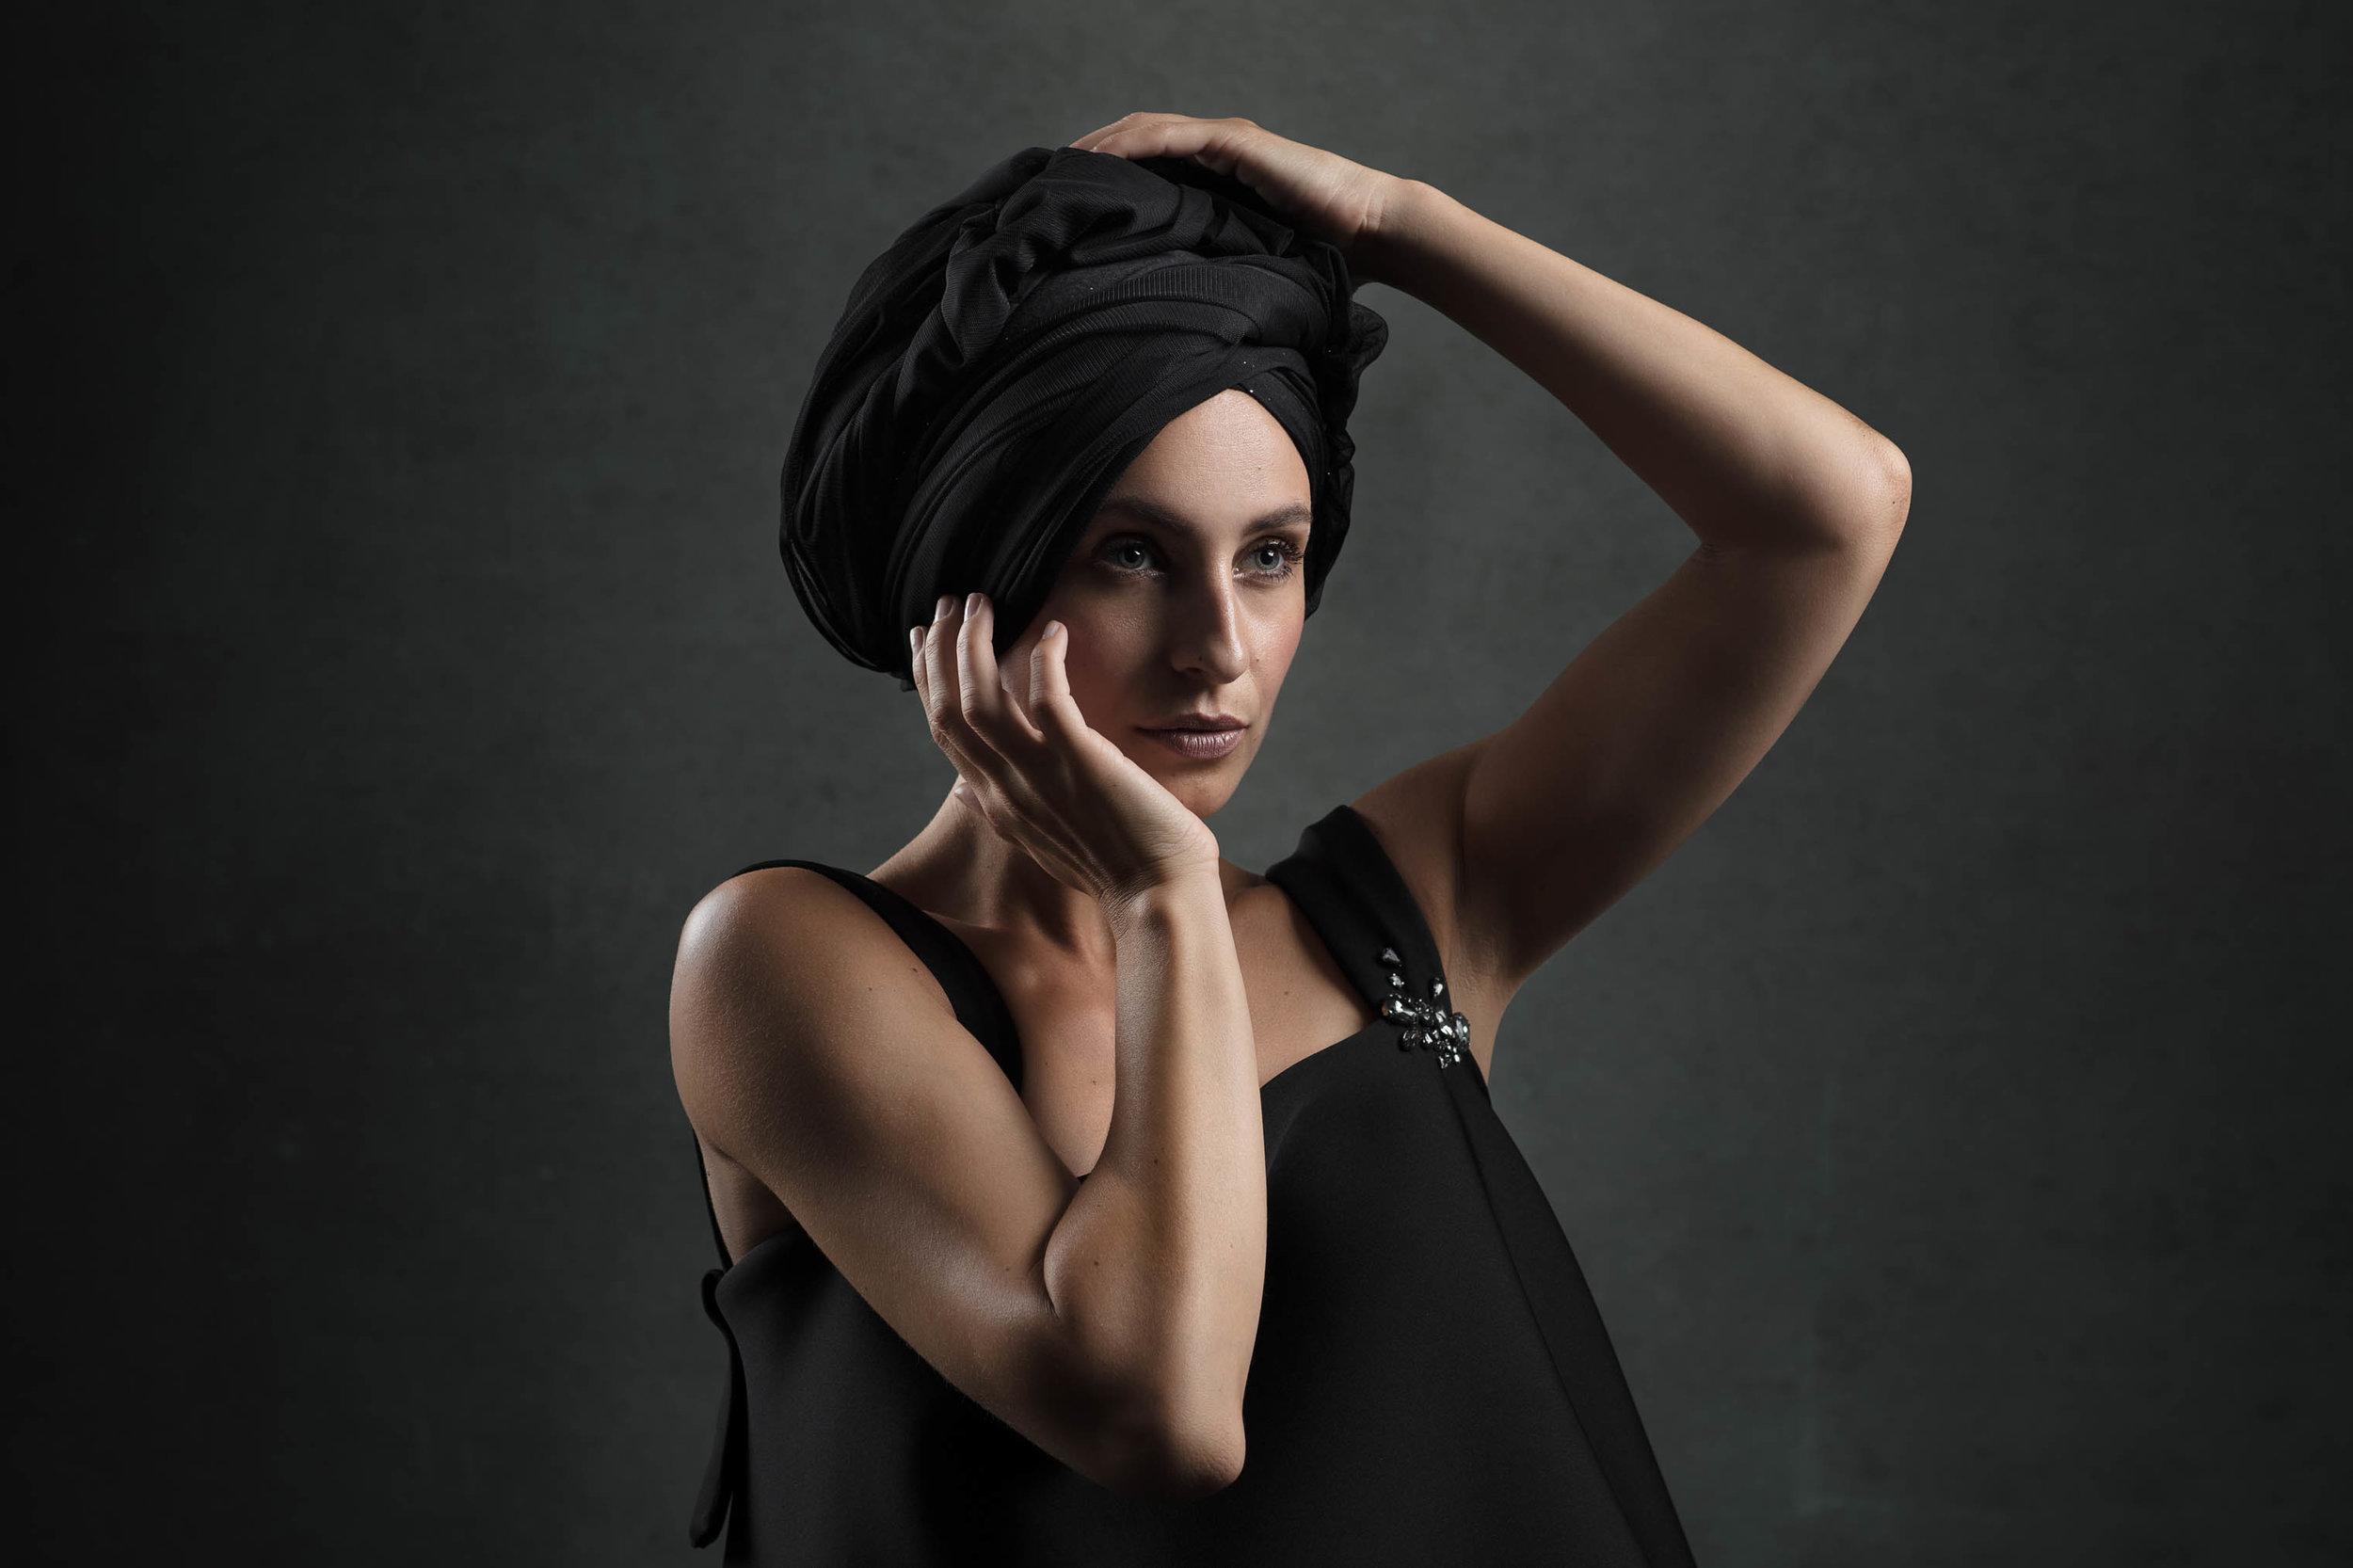 portrait-turban-studio.jpg